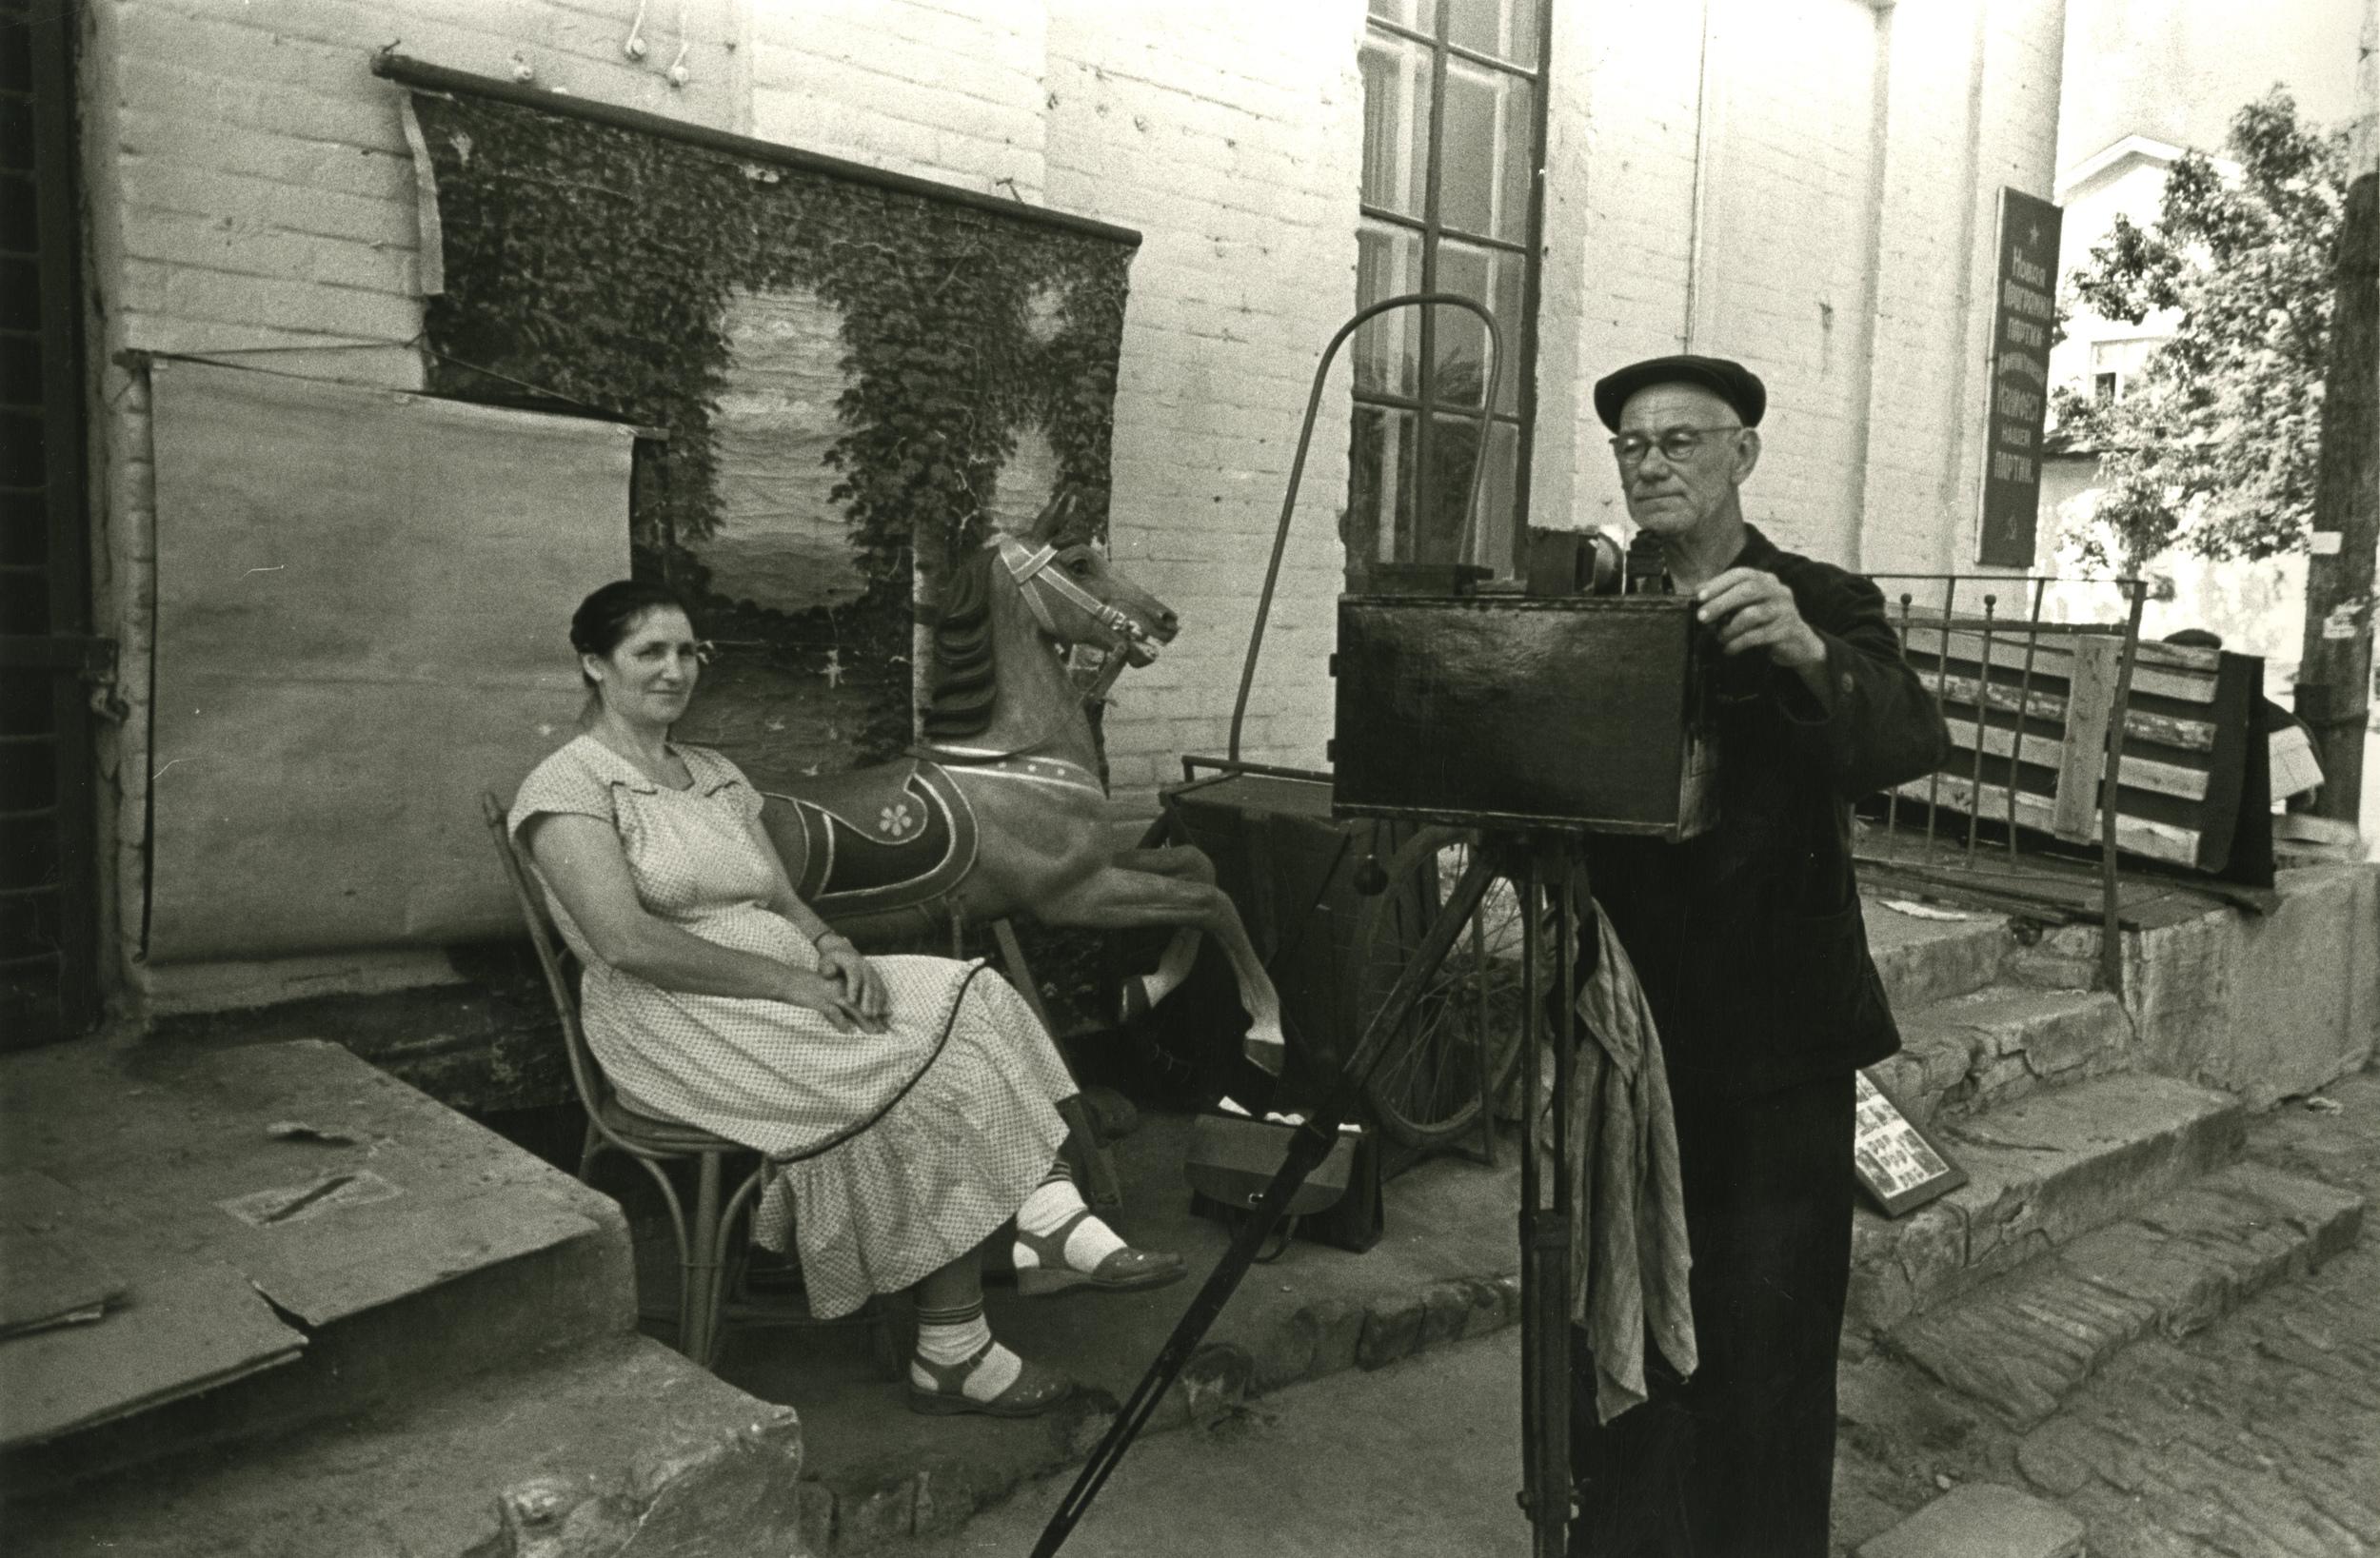 1951. Матус М.Я. «Провинциальный фотограф» из серии «Старый альбом»